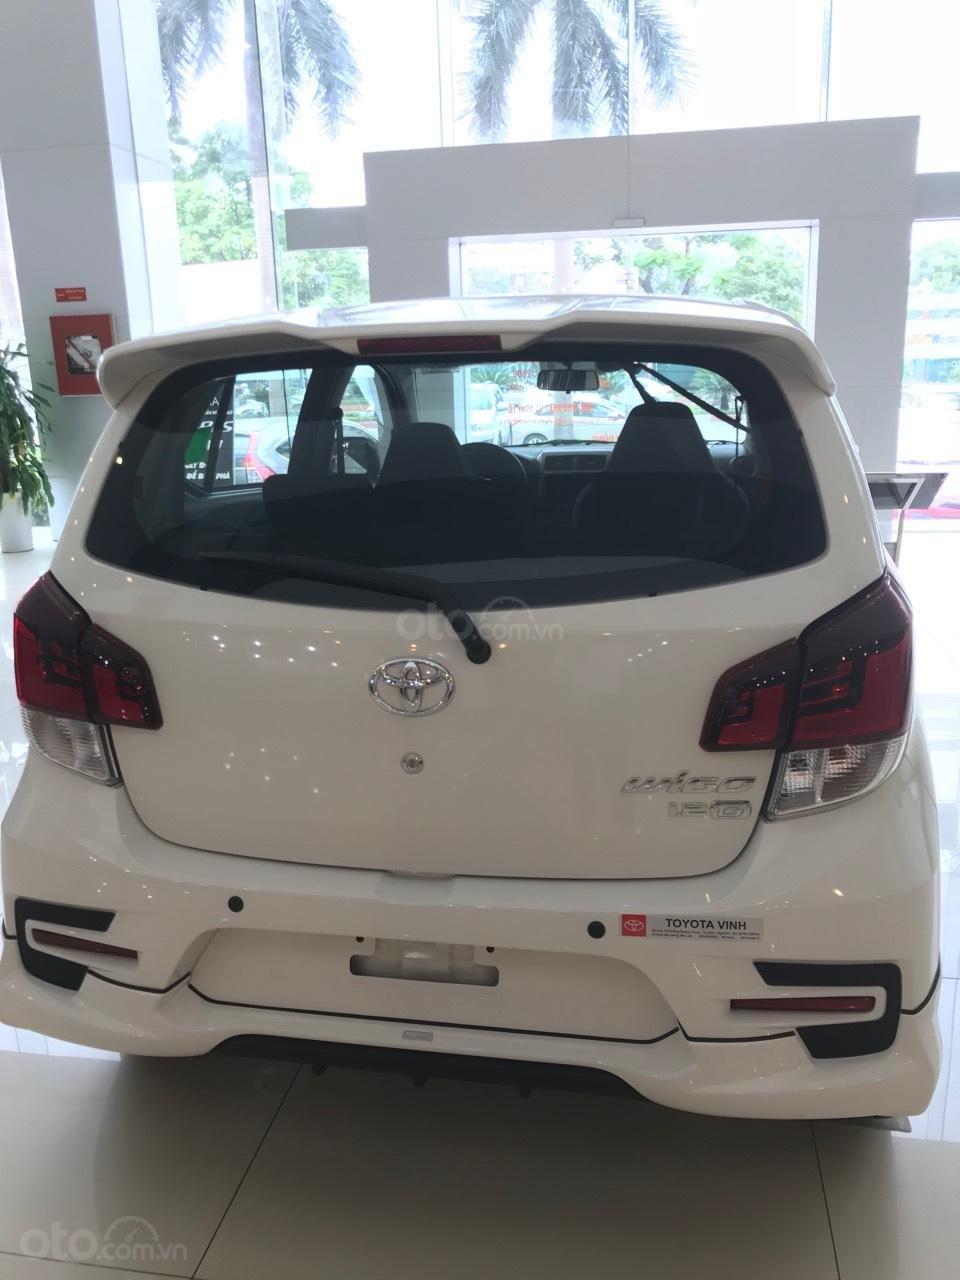 Toyota Vinh-Nghệ An-Hotline: 0904.72.52.66 bán xe Wigo tự động giá rẻ nhất Nghệ An, trả góp lãi suất từ 0% (4)